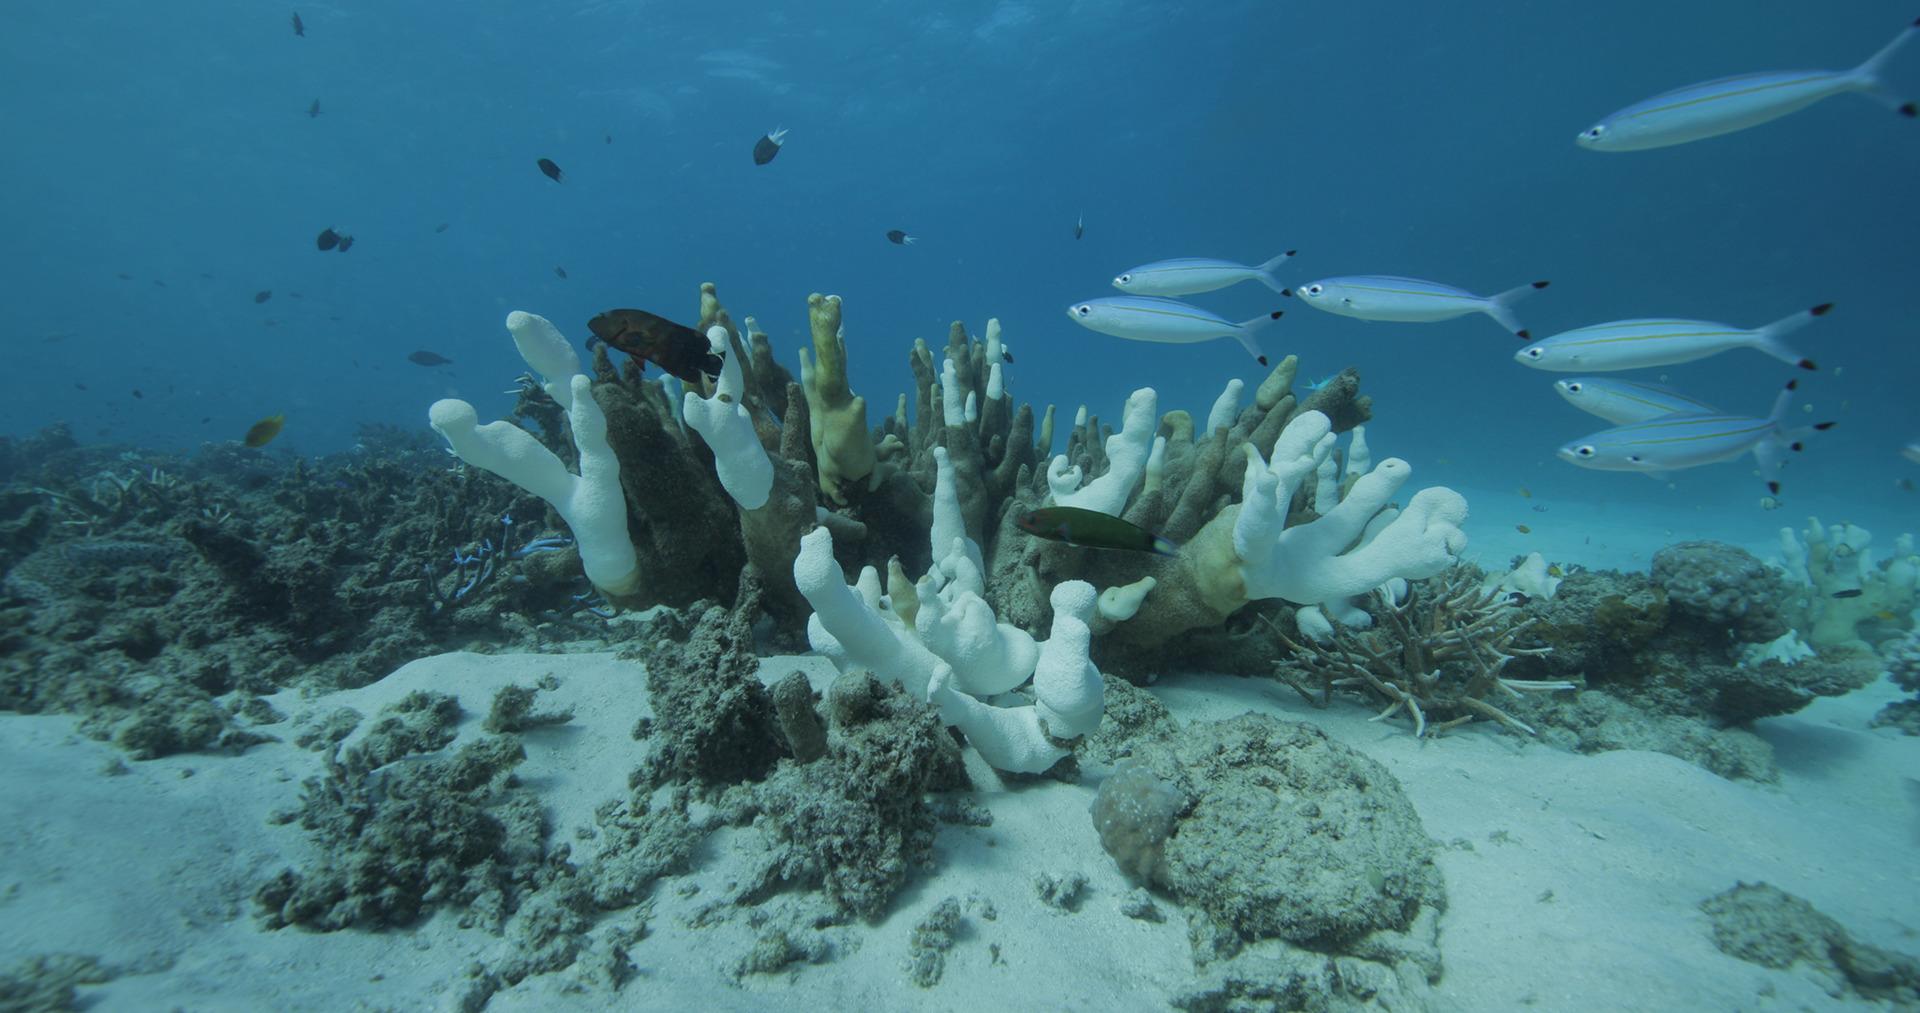 Grande Barriera Corallina in Australia. Film Still